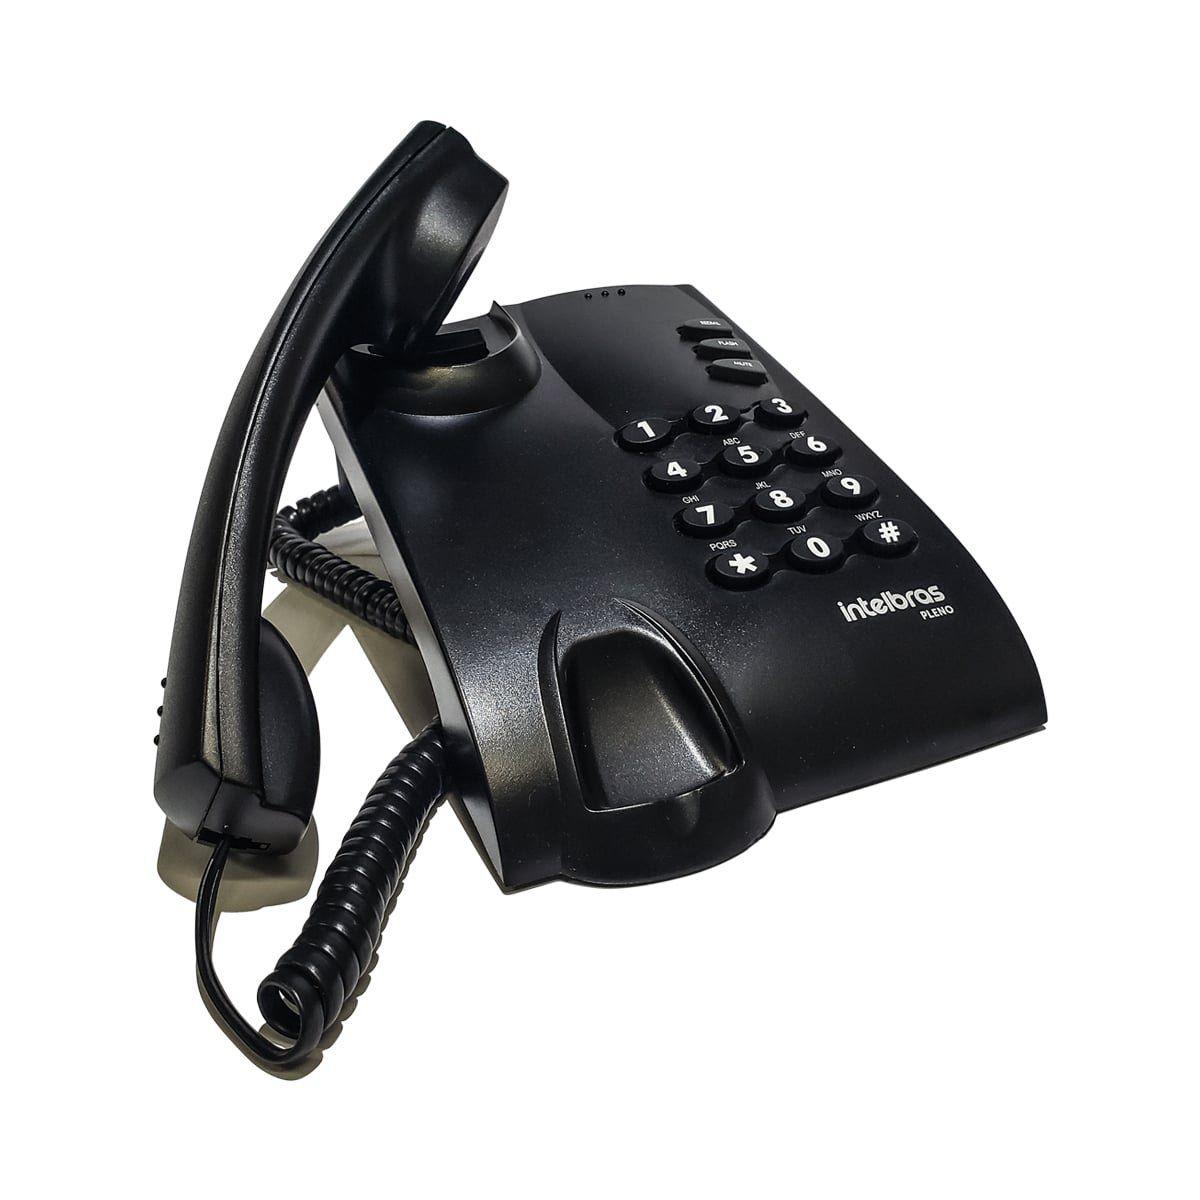 Telefone c/ Fio Intelbras Pleno Preto.